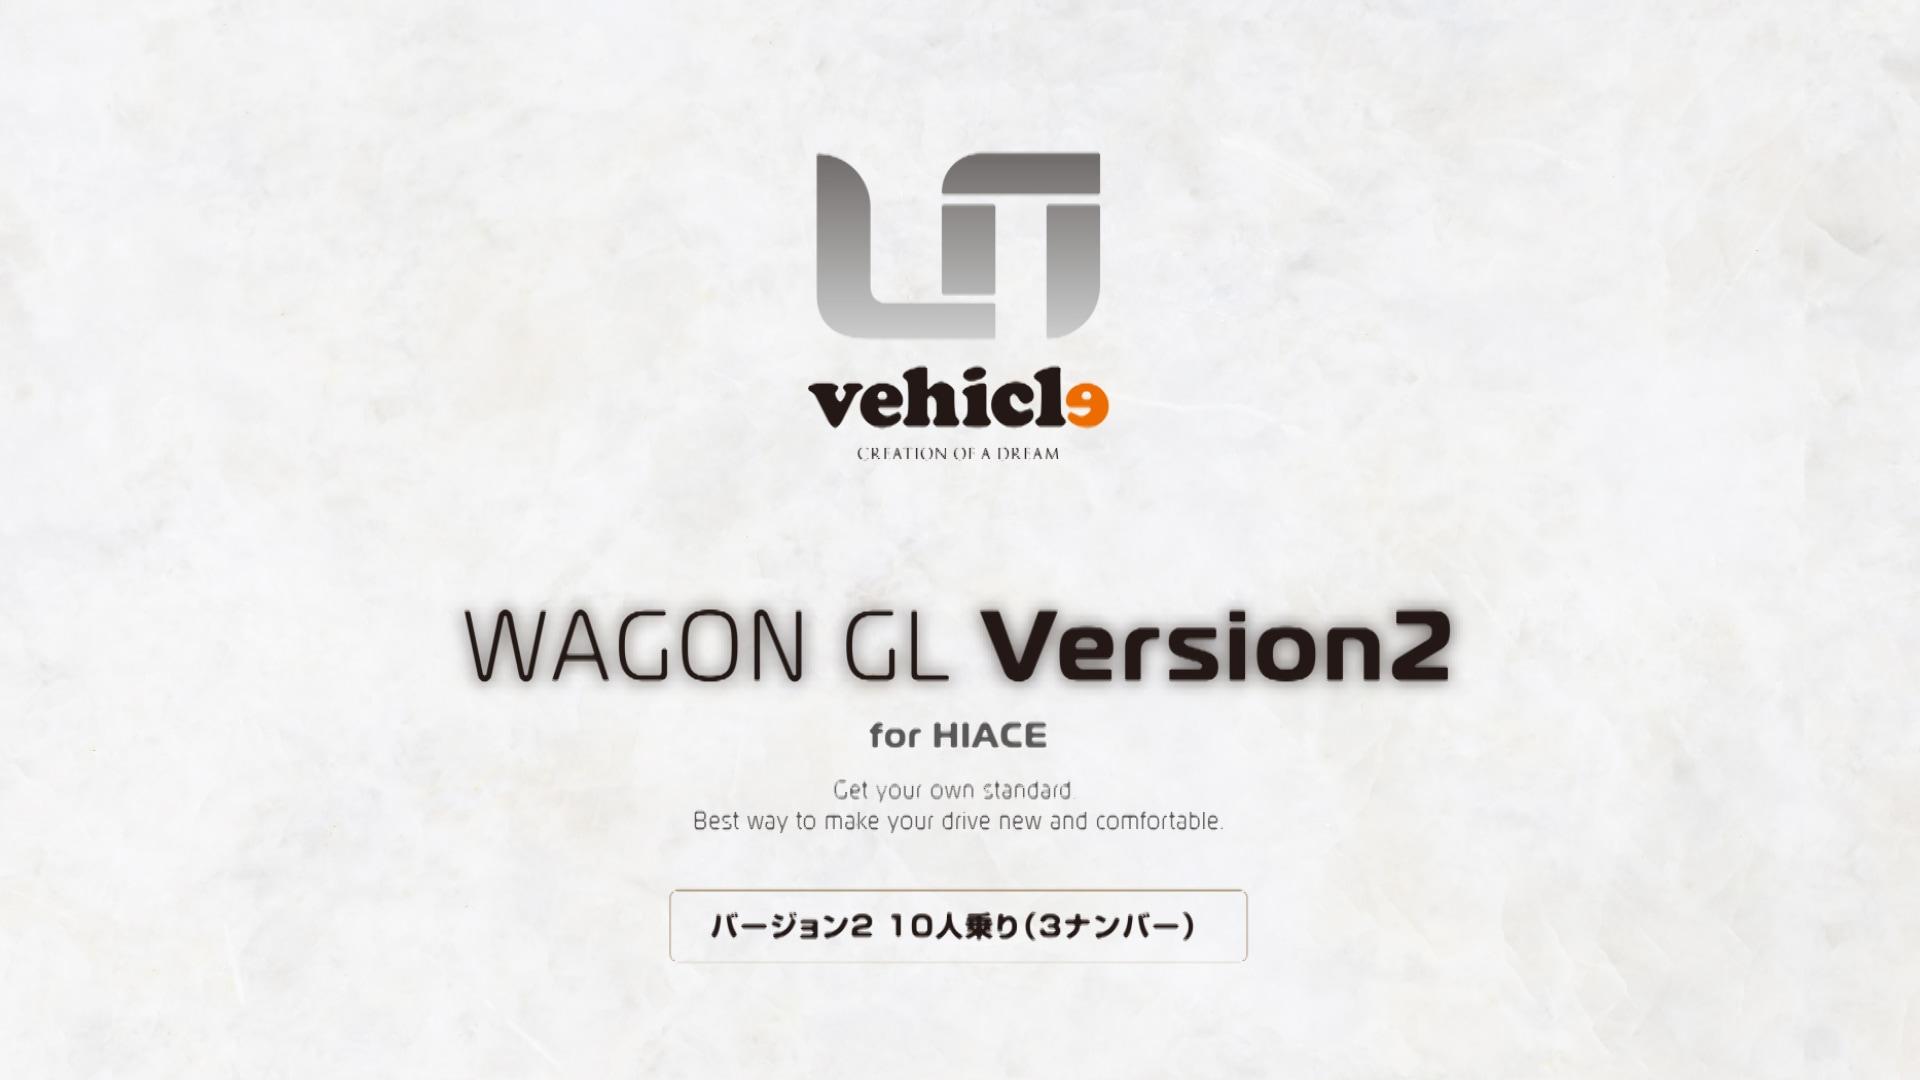 ハイエース200系 ワゴンGL Ver2動画